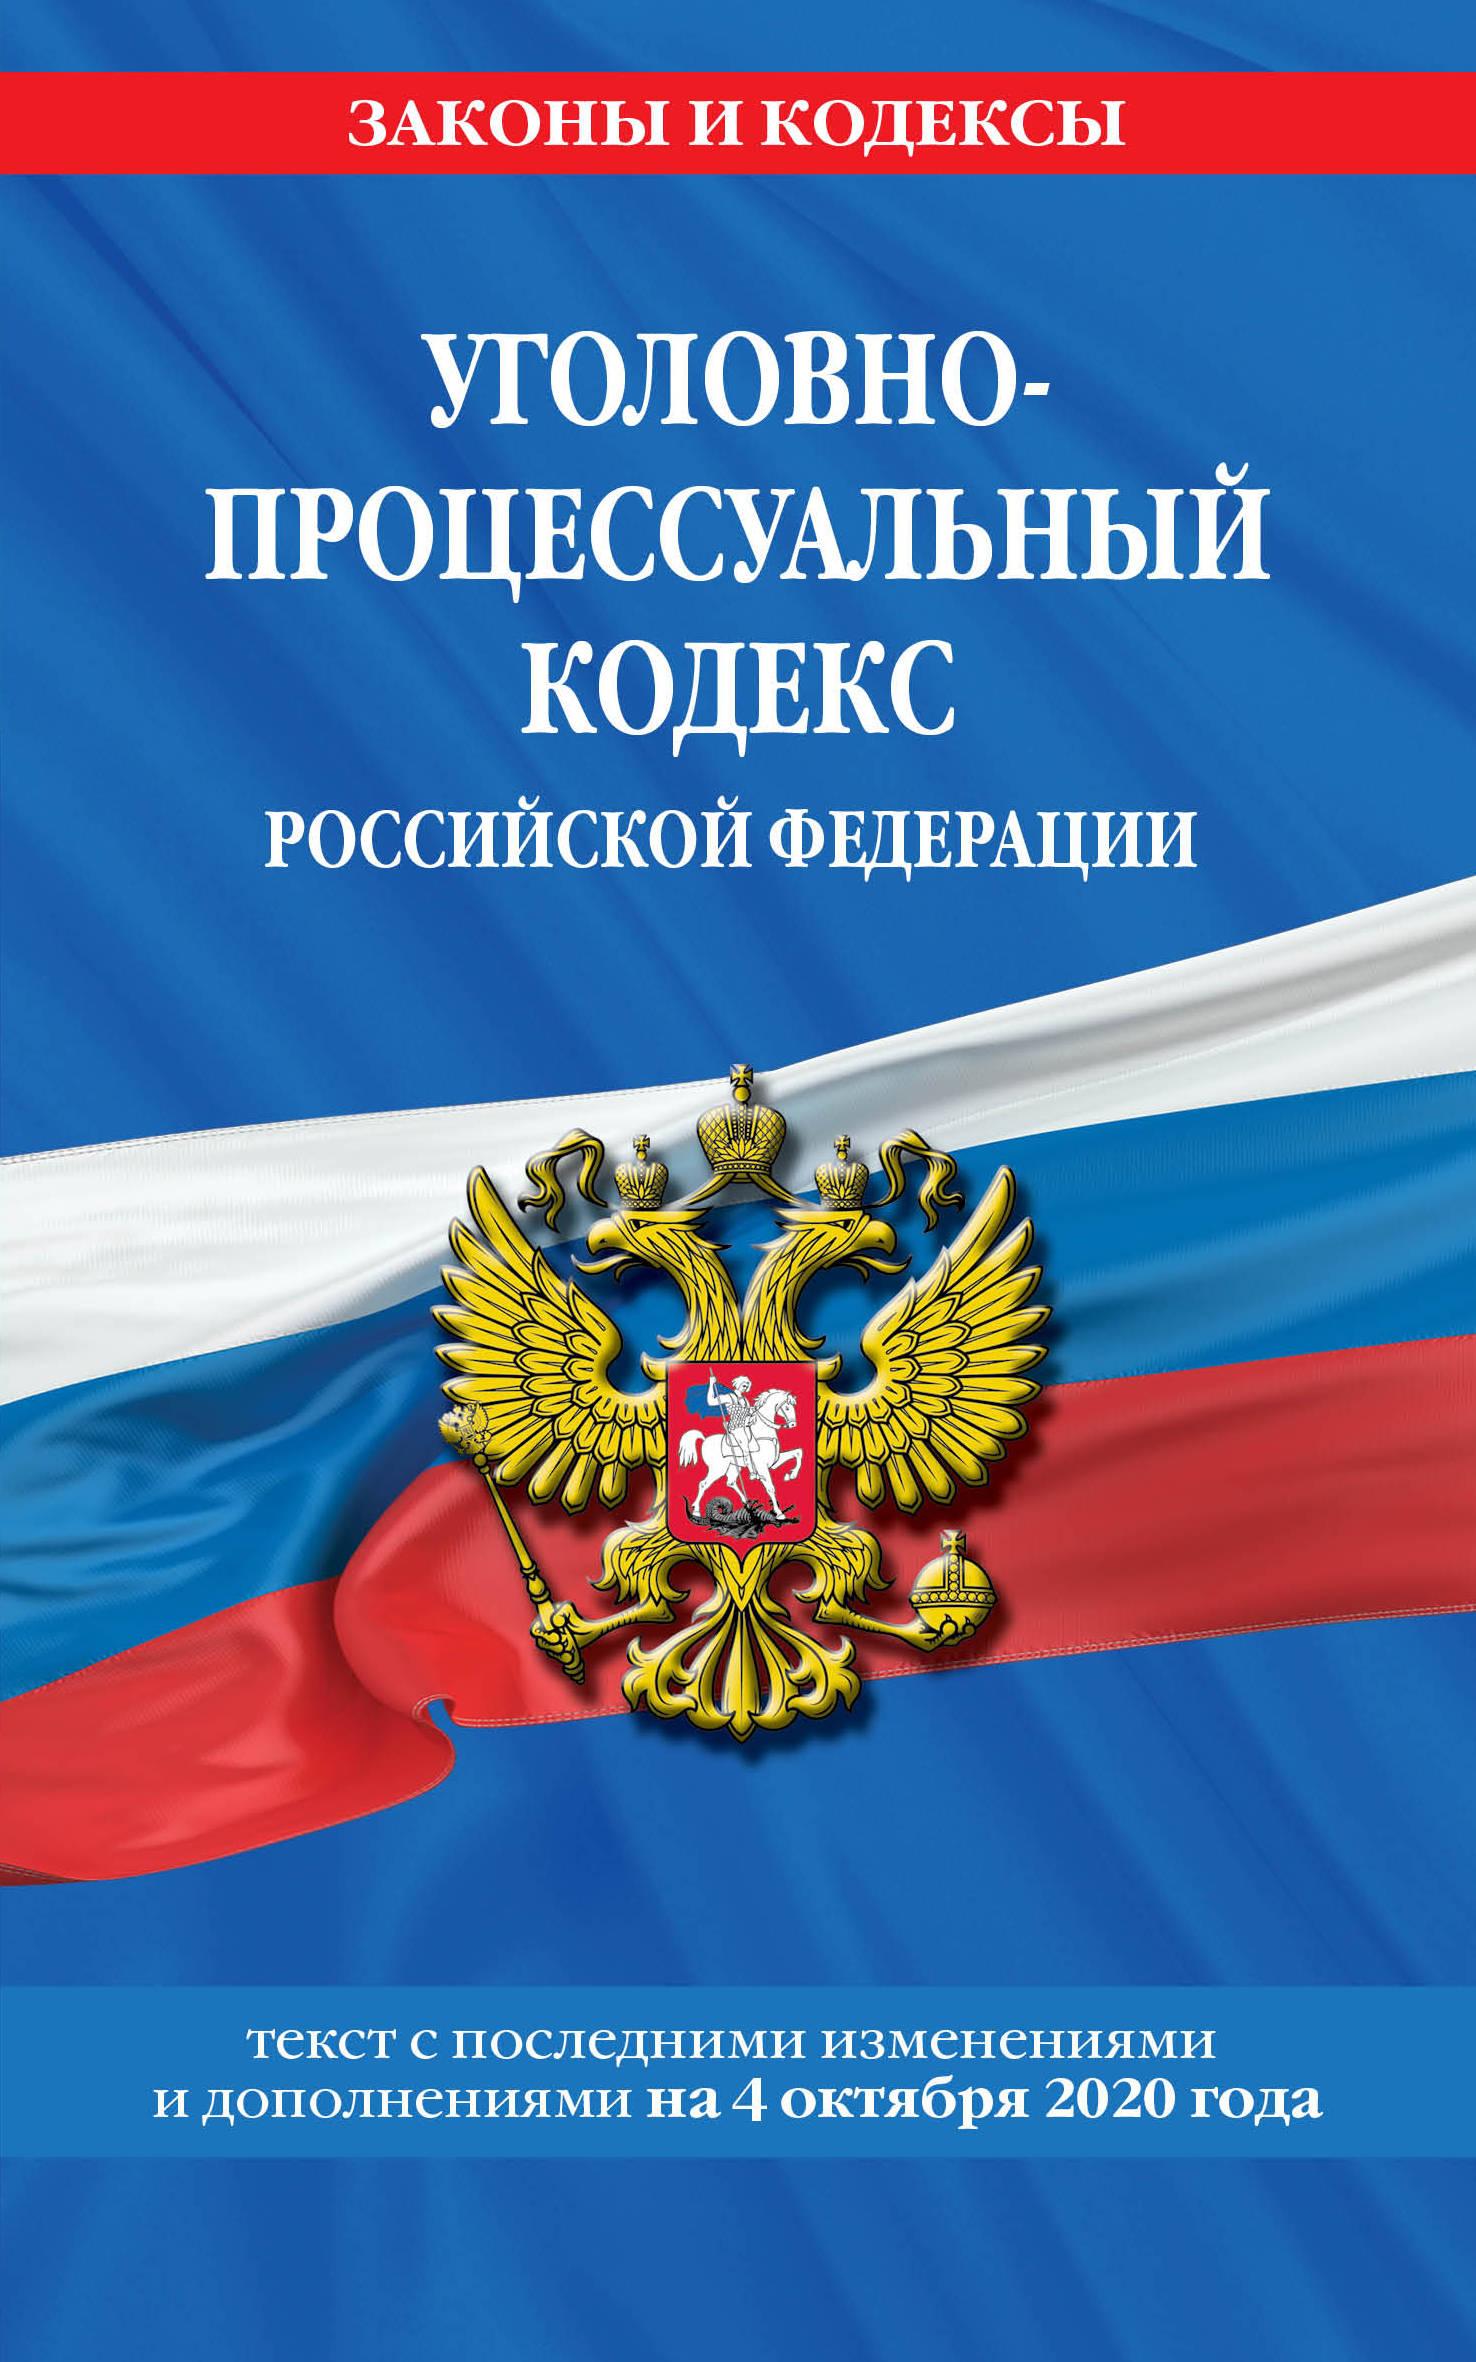 Уголовно-процессуальный кодекс Российской Федерации: текст с посл. изм. и доп. на 4 октября 2020 г.